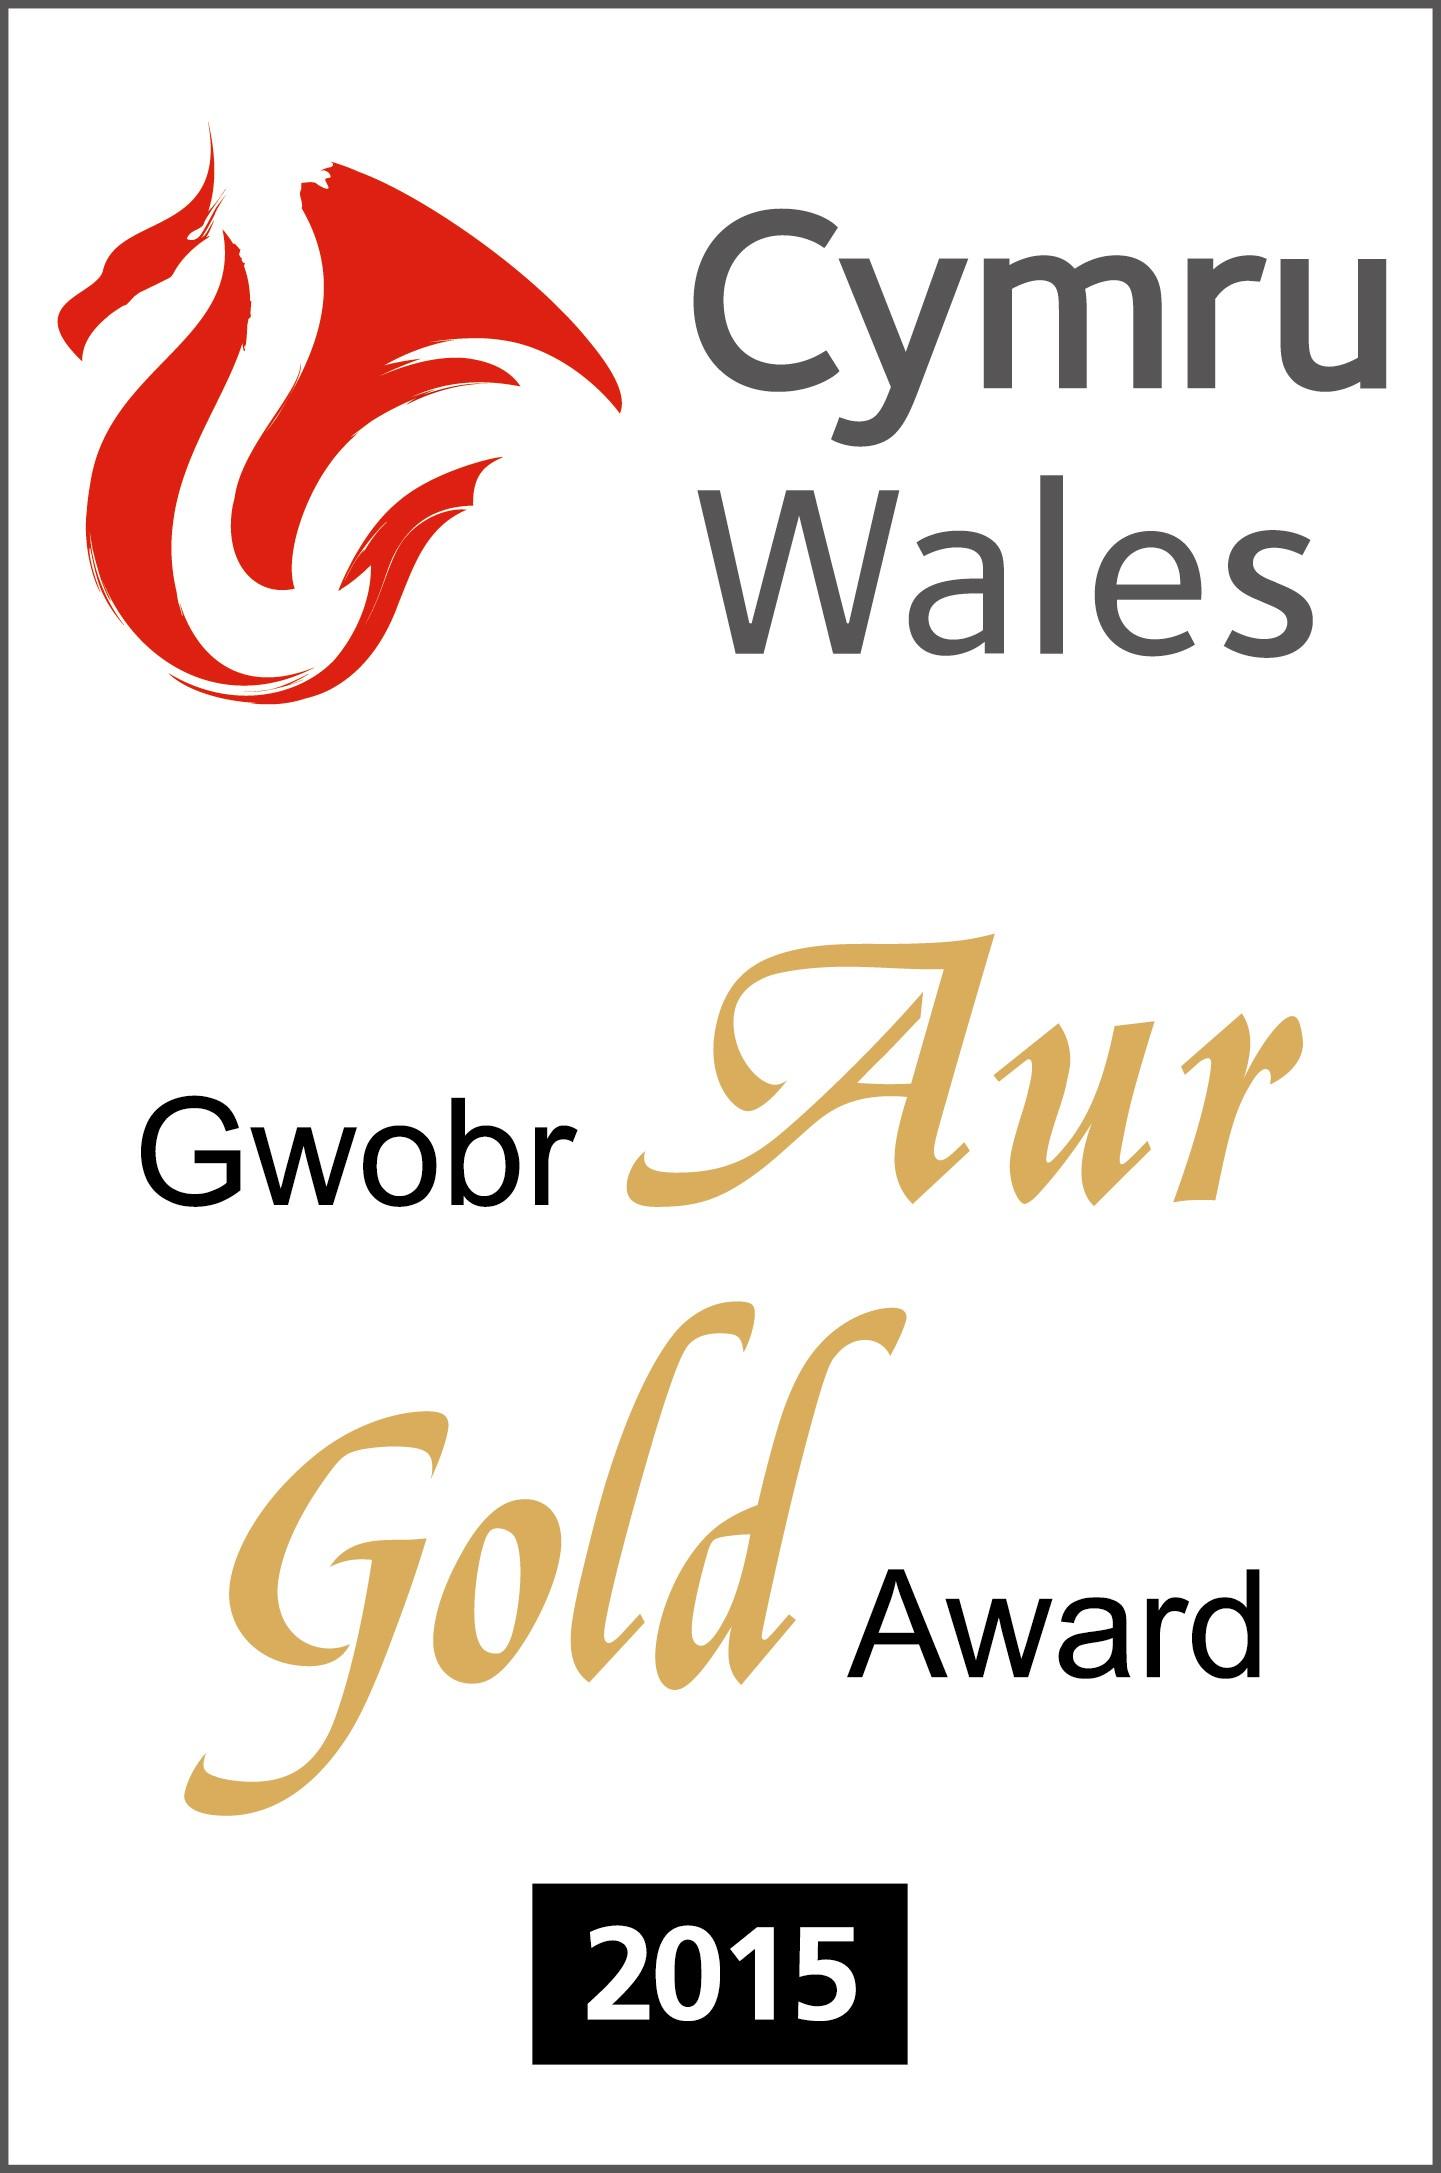 Wales Gold Award